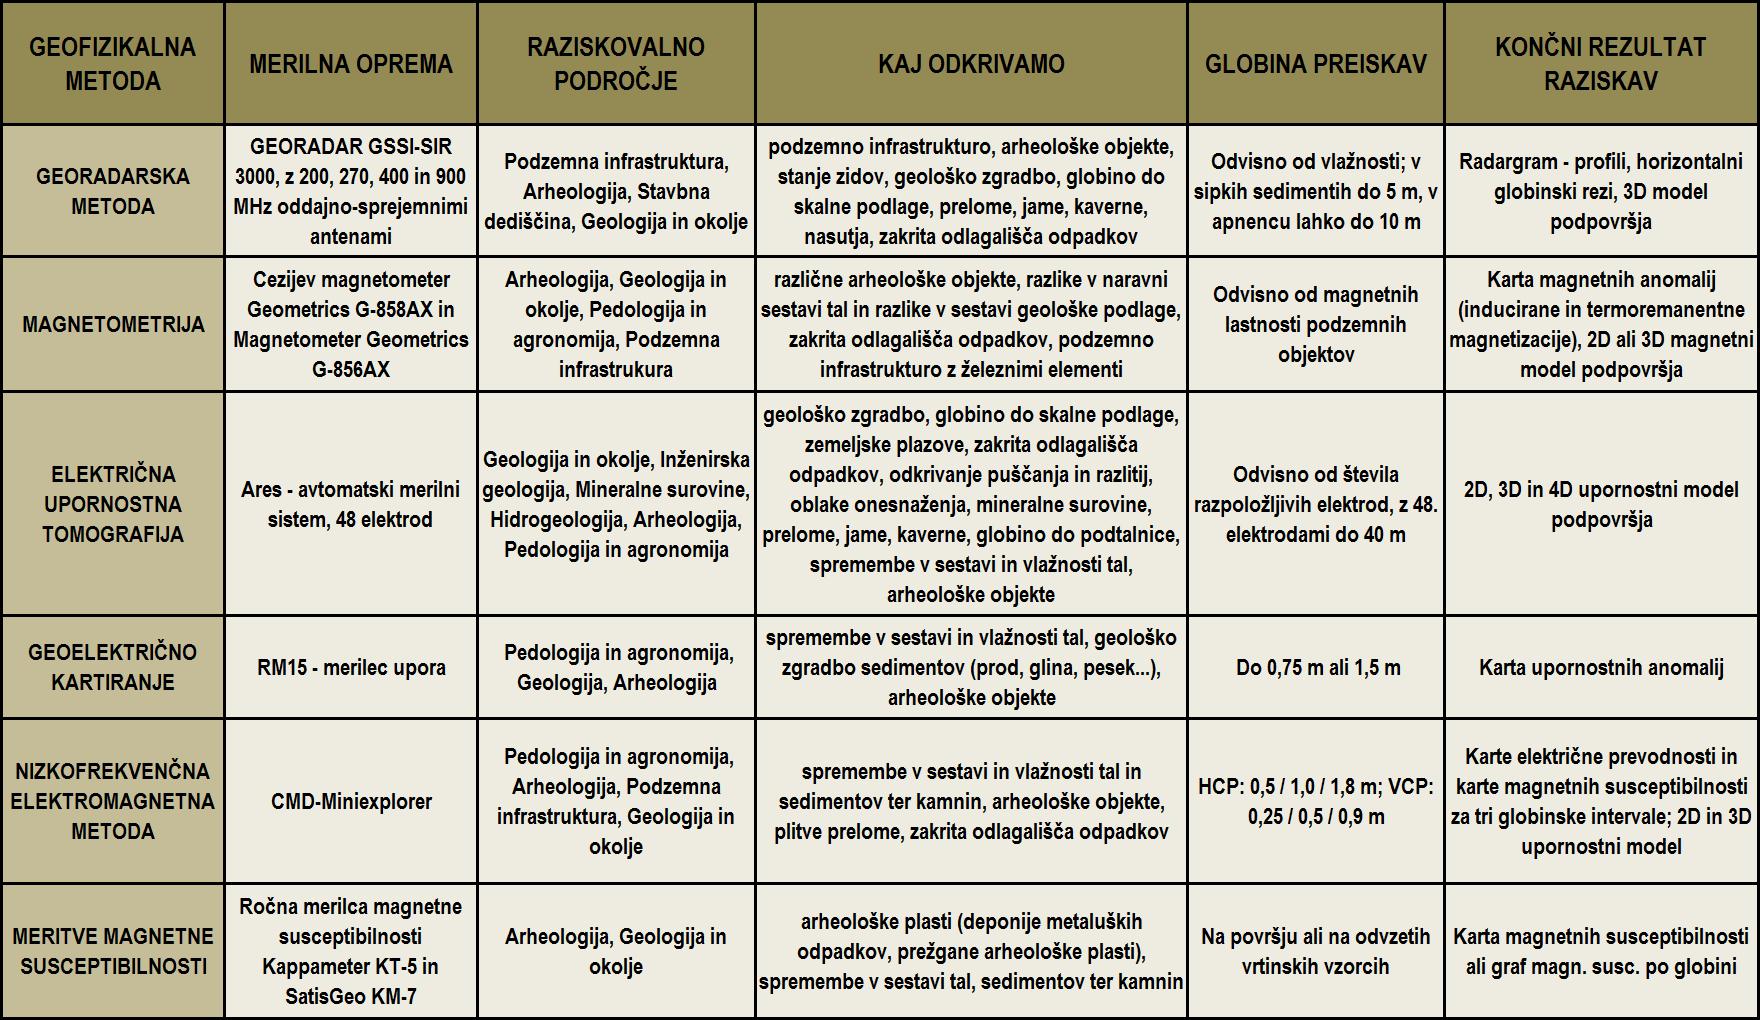 Geofizikalne metode - tabela